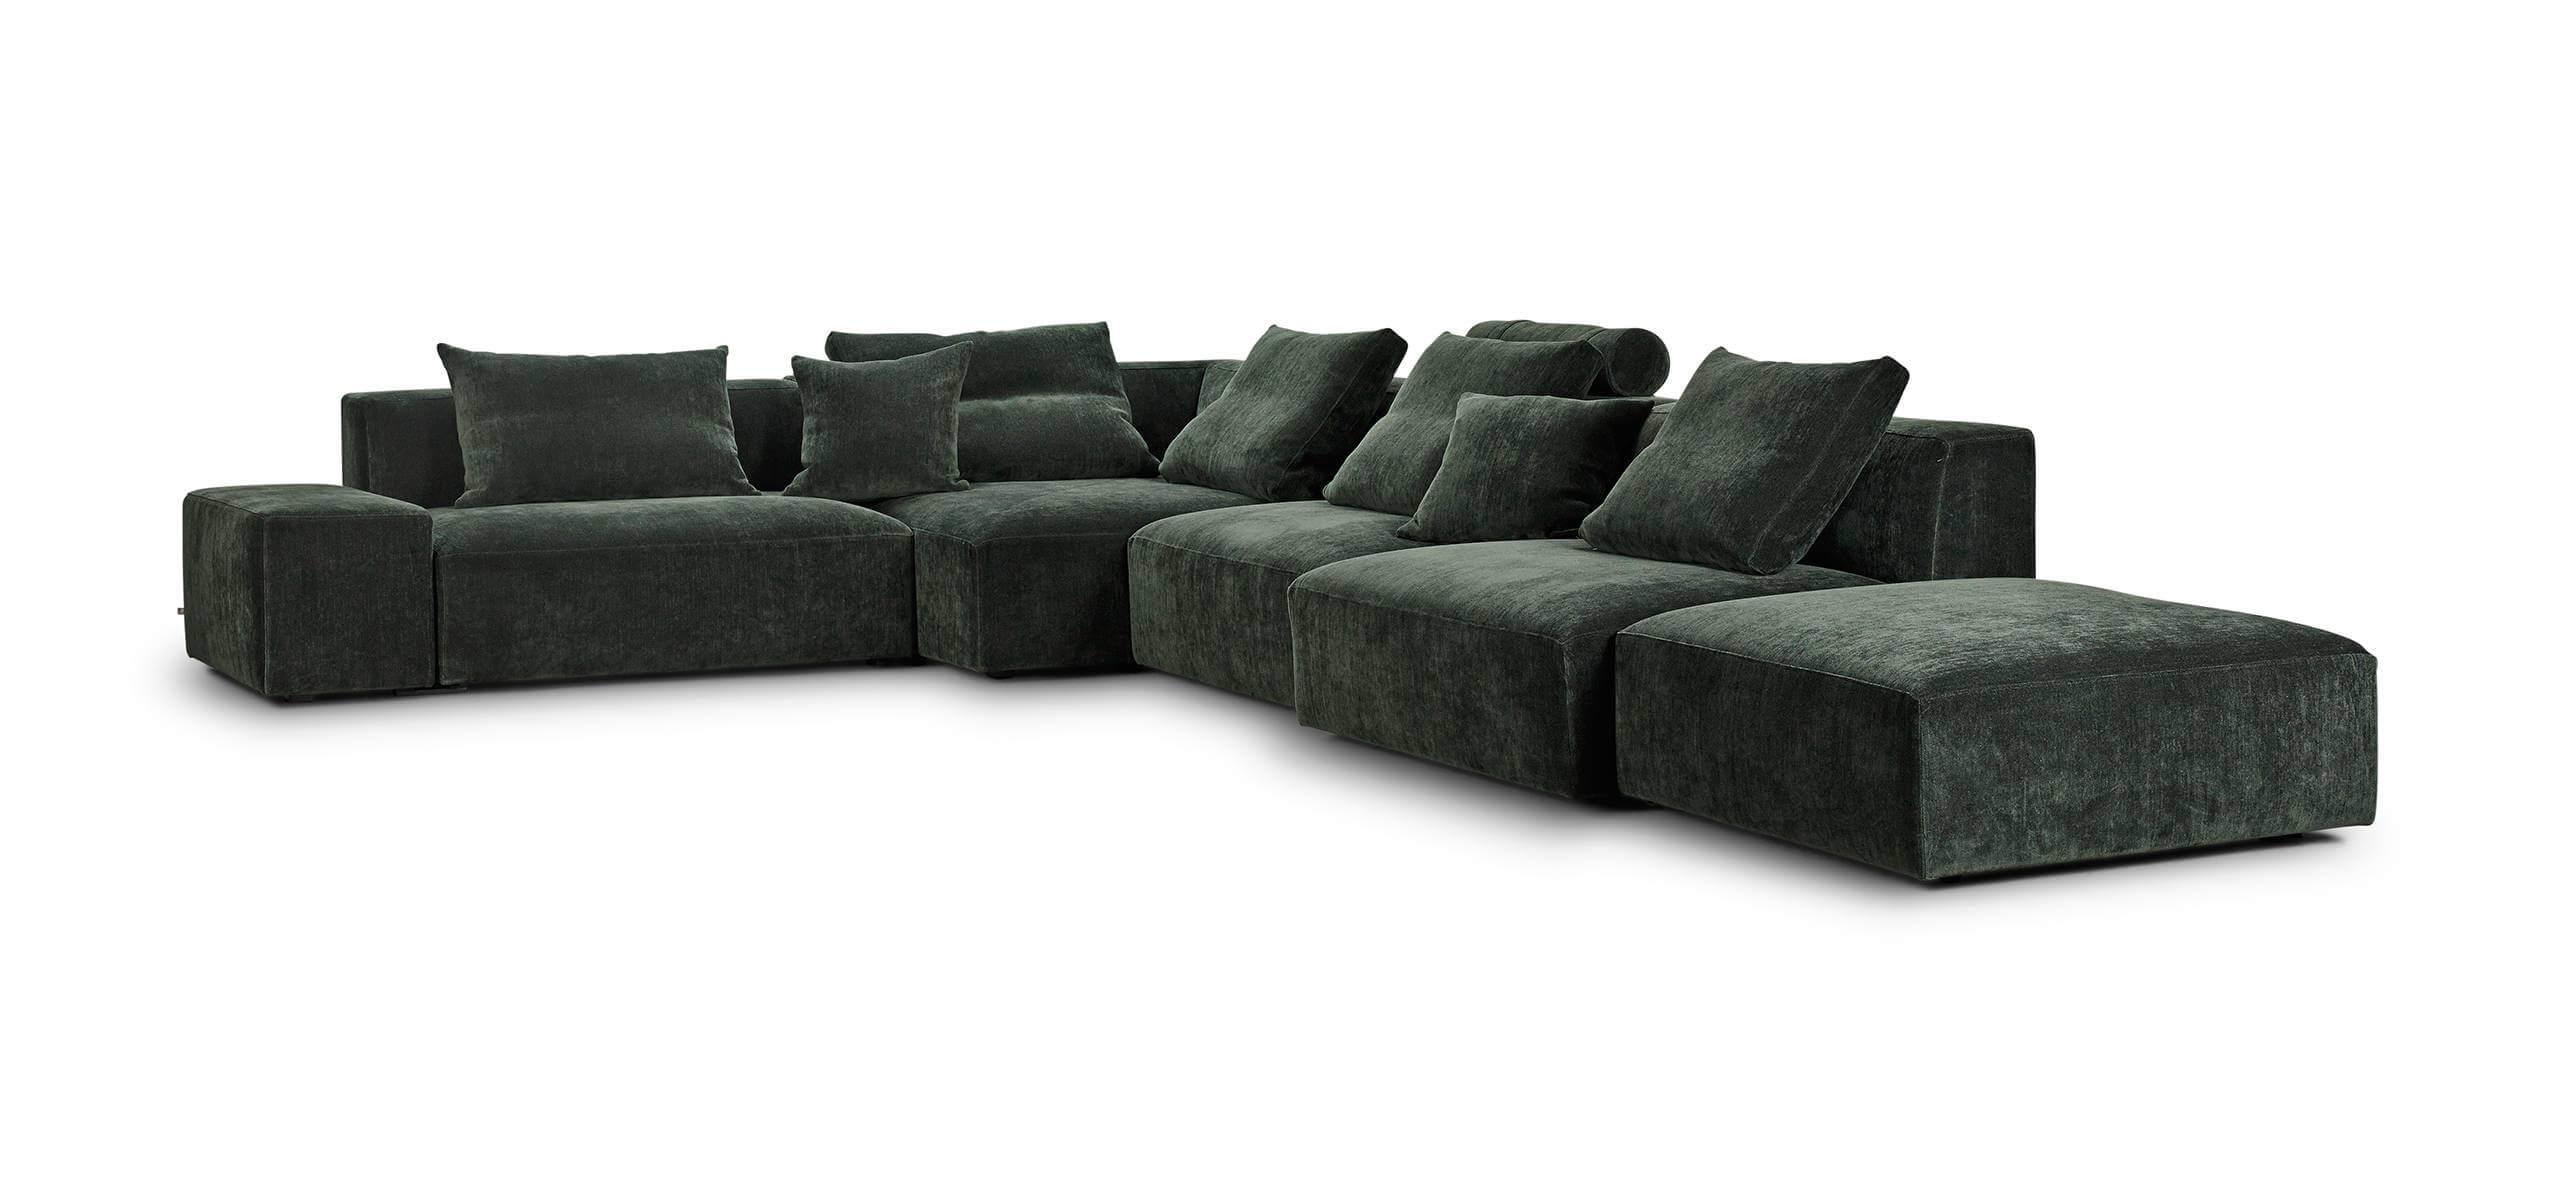 eilersen sofa Eilersen   Block eilersen sofa